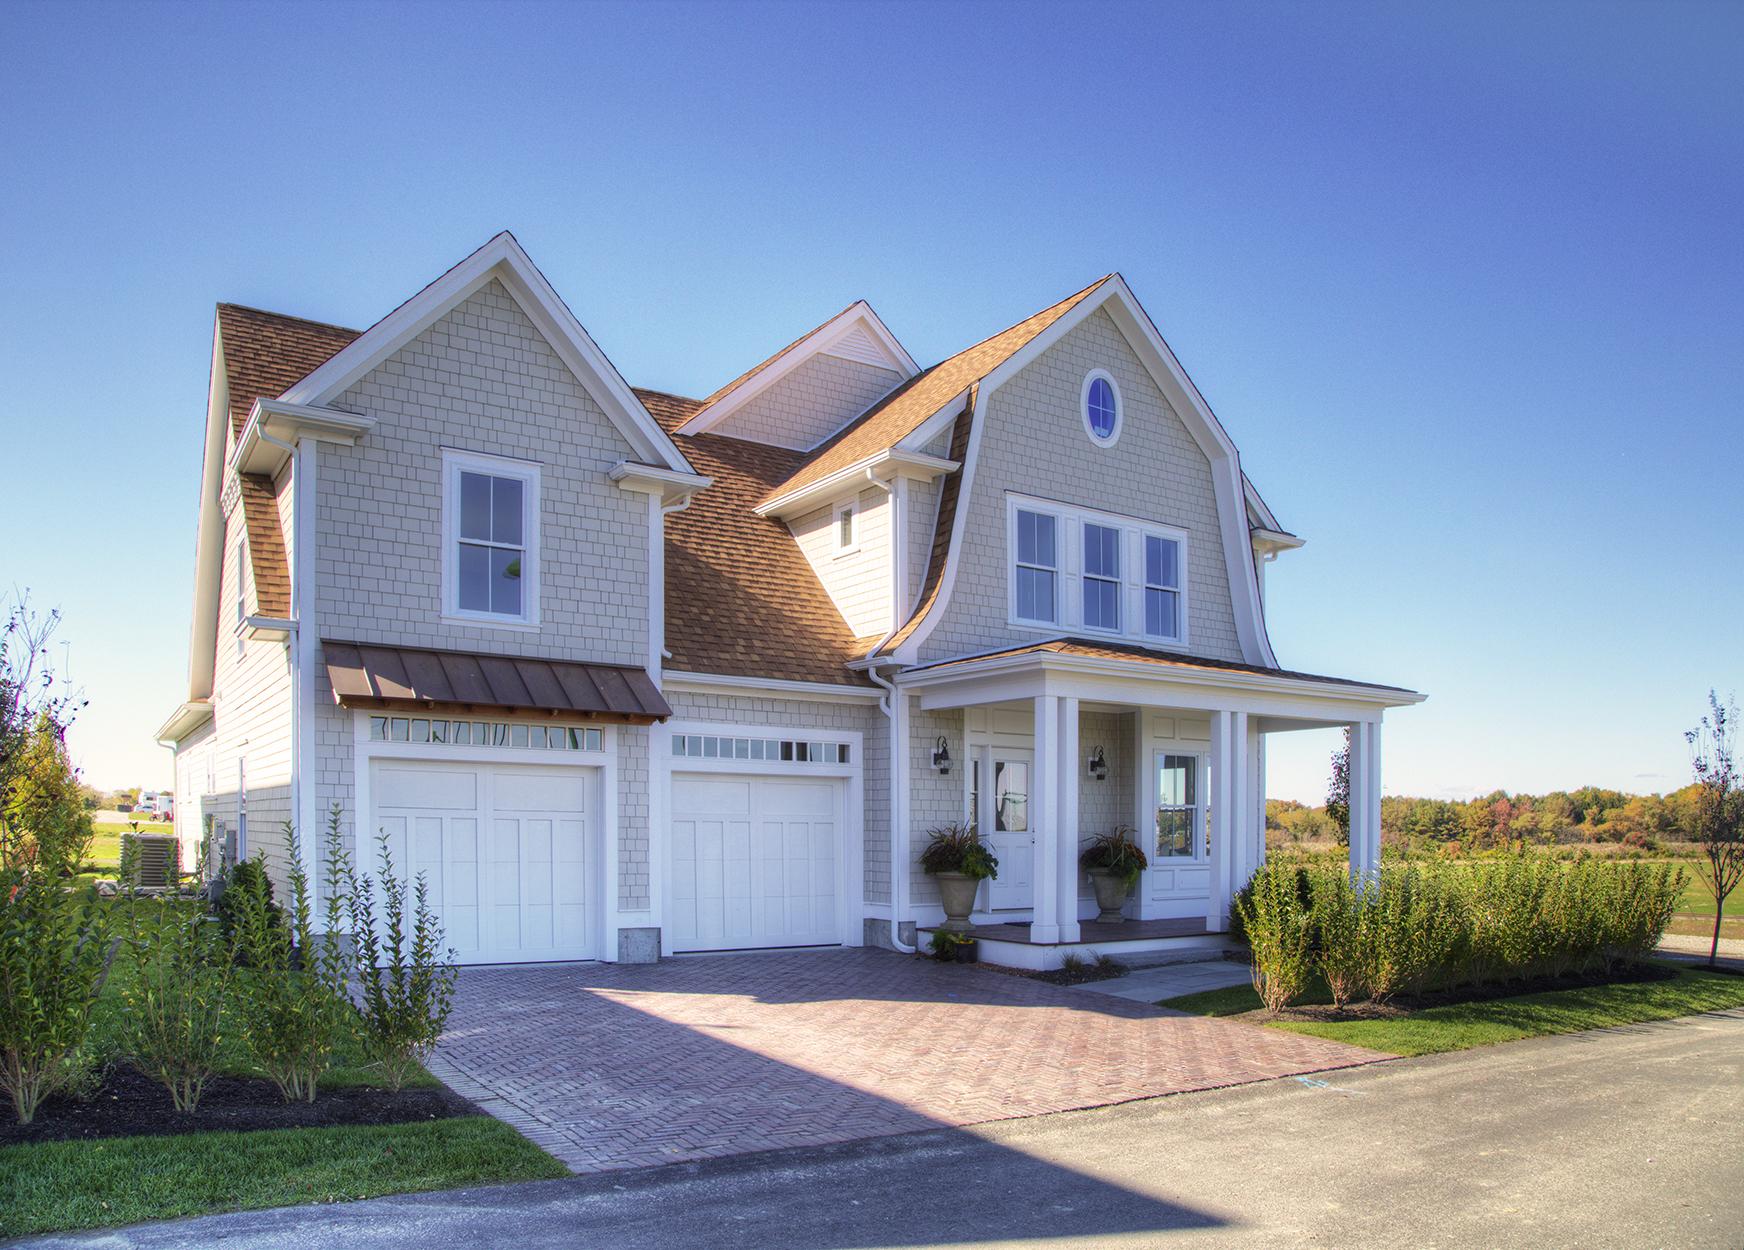 Maison unifamiliale pour l Vente à The Lifestyle at Carnegie 0 Newport Harbor Drive Lot 7T Newport Beach Club Portsmouth, Rhode Island 02871 États-Unis